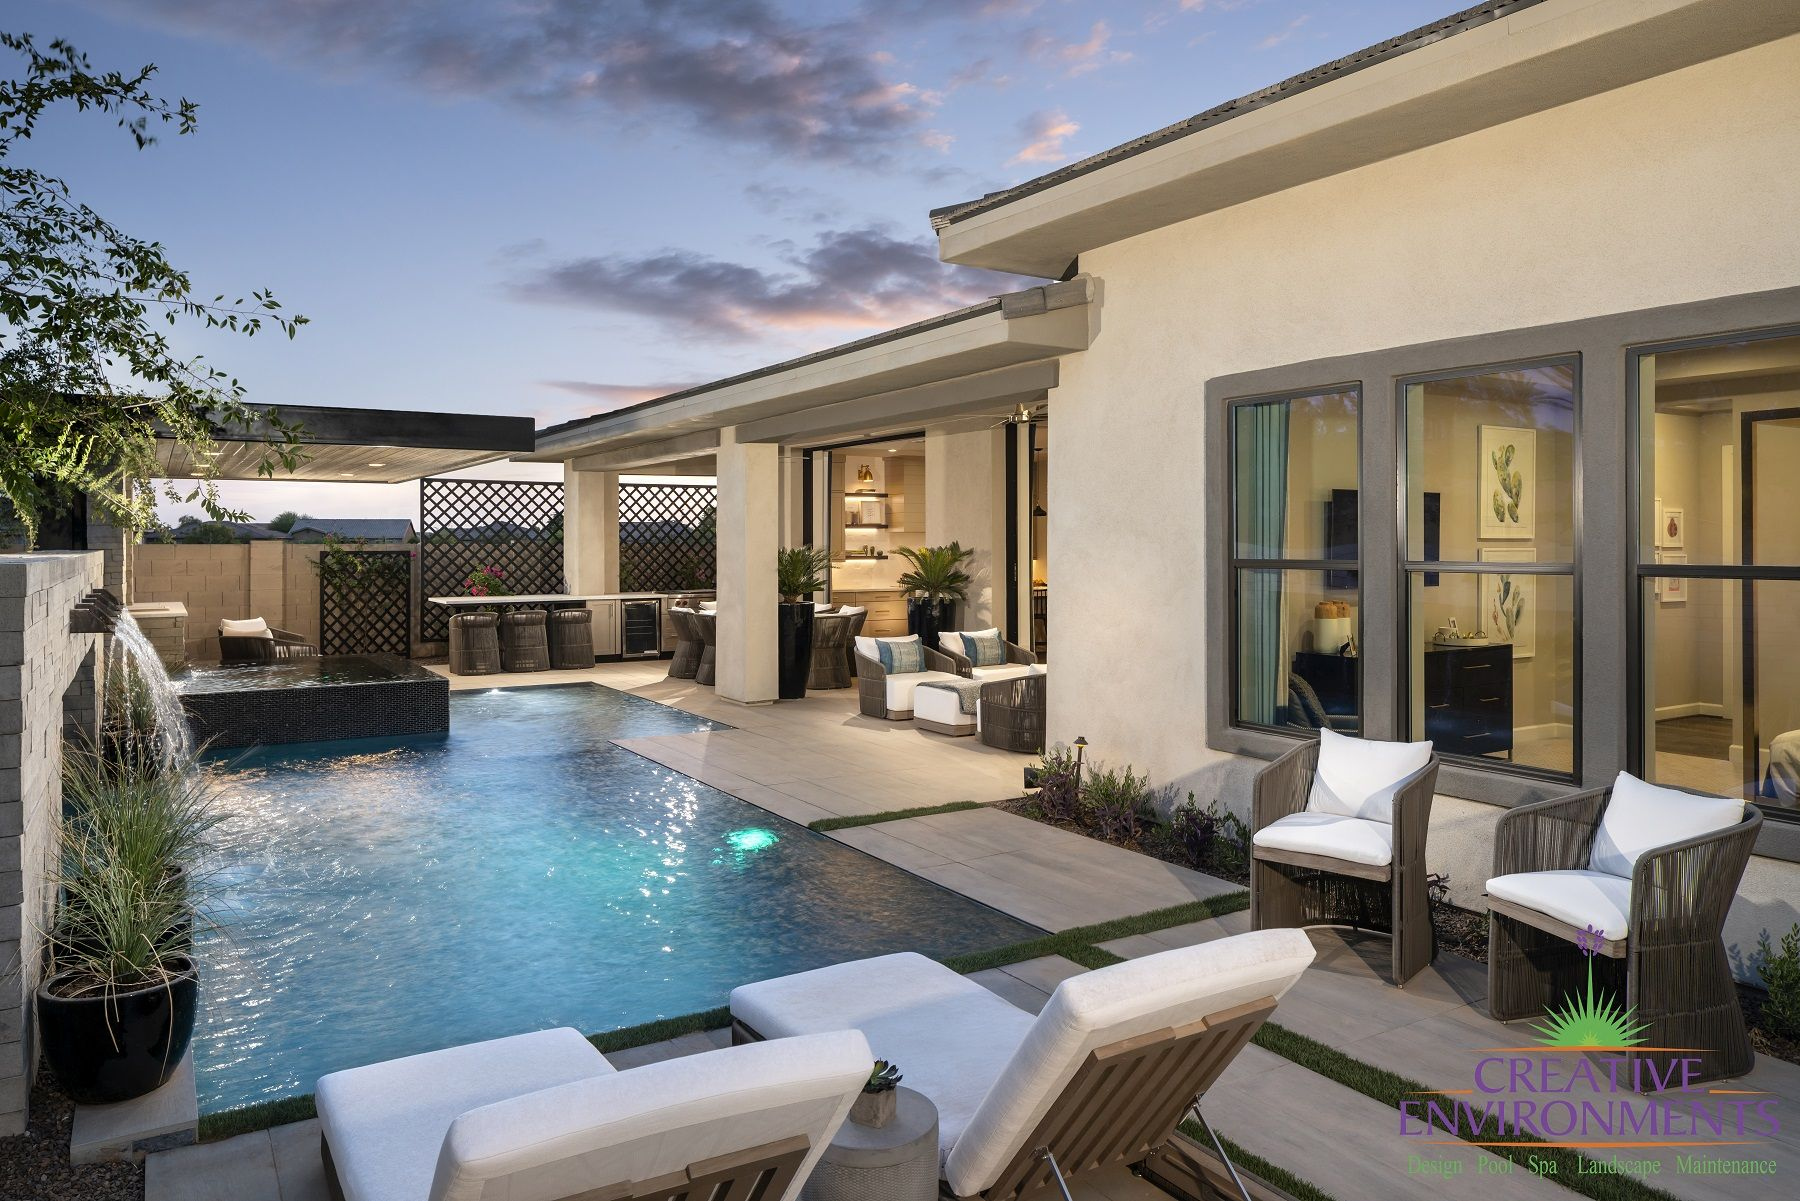 Legacy at Seville model homes in Gilbert, AZ. Model